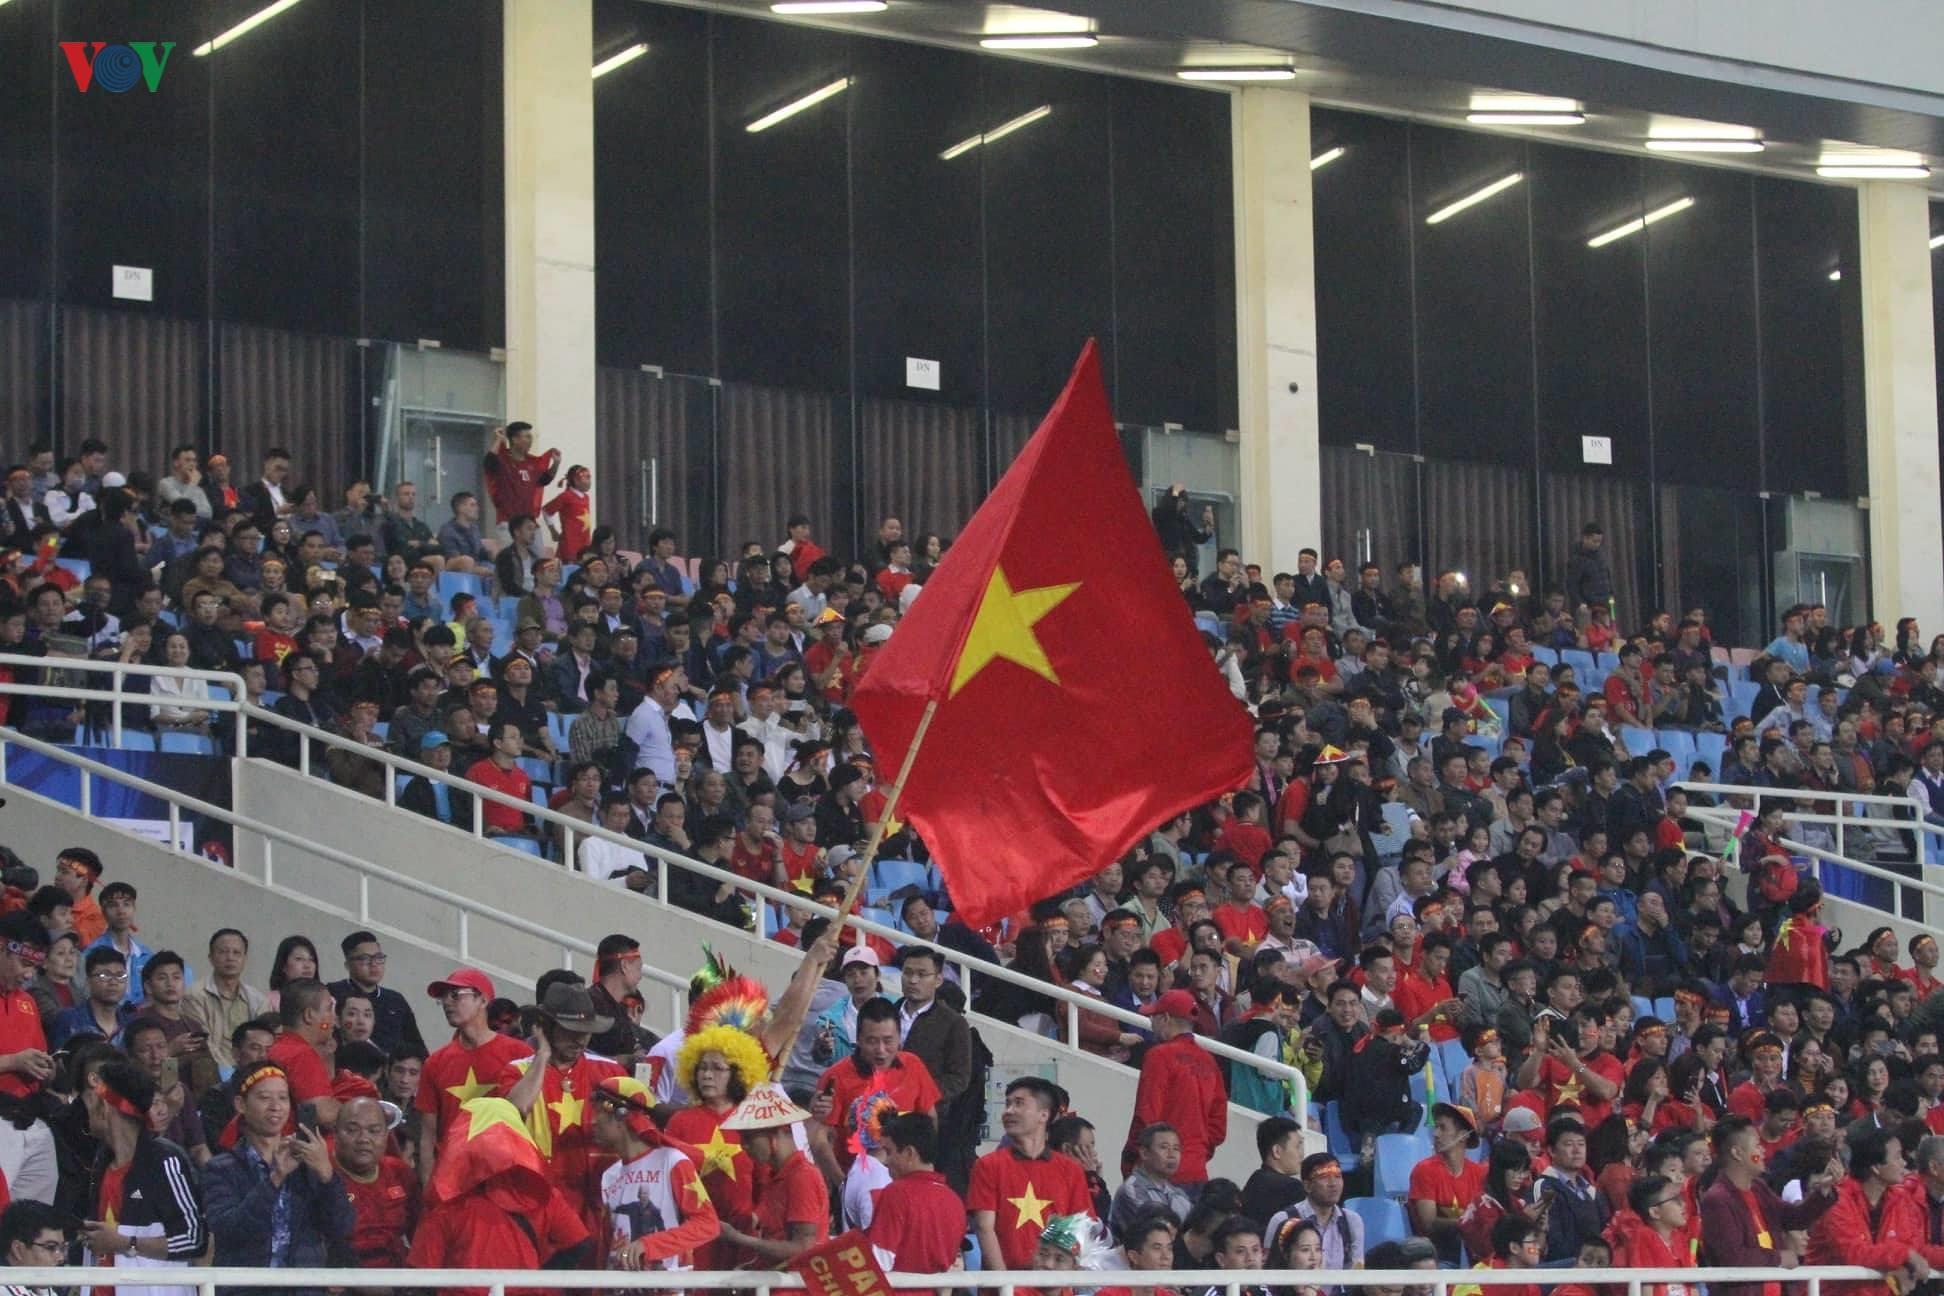 Đấu với U23 Thái Lan, CĐV U23 Việt Nam 'mở hội' trên sân Mỹ Đình Ảnh 7